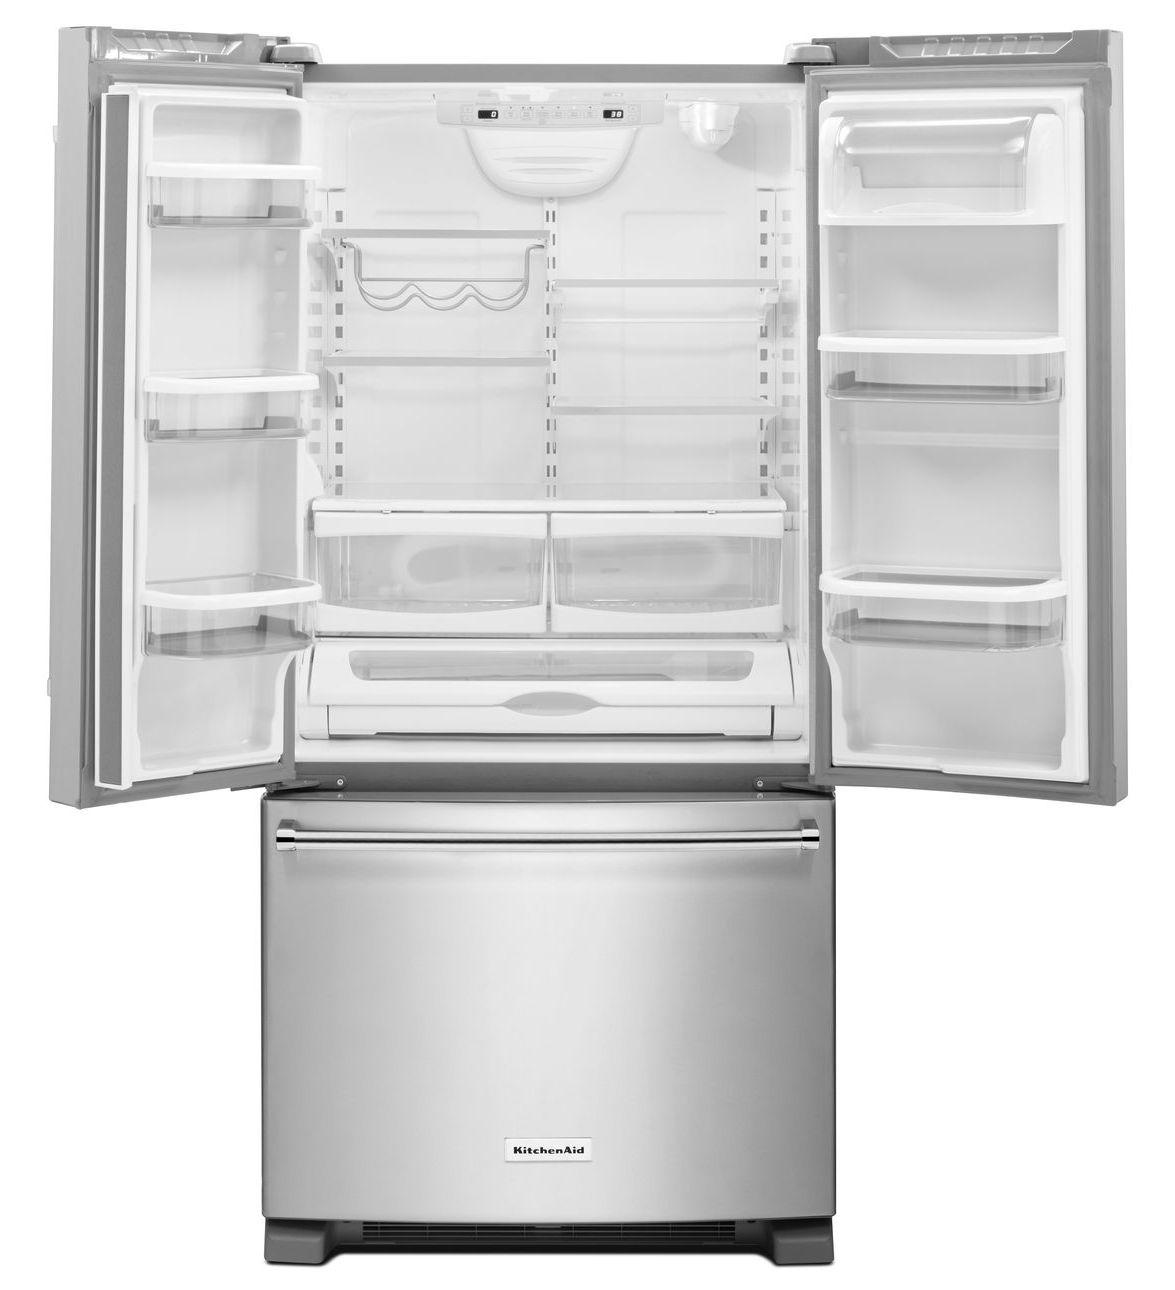 Kitchenaid réfrigérateur 22 pi cu 36 pouces de largeur profondeur comptoire